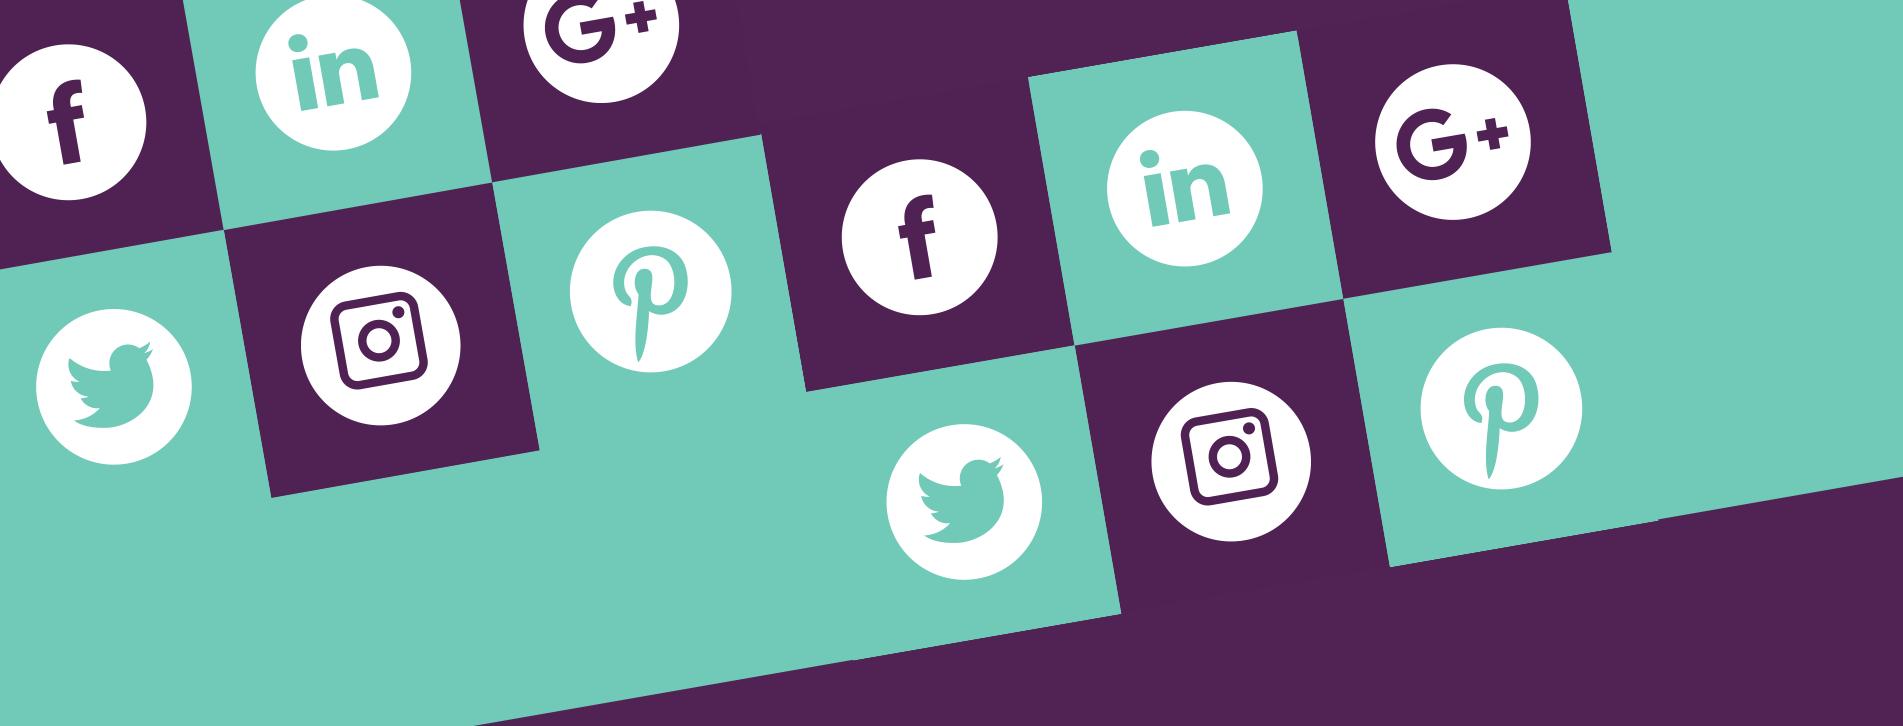 Visuel réseaux sociaux